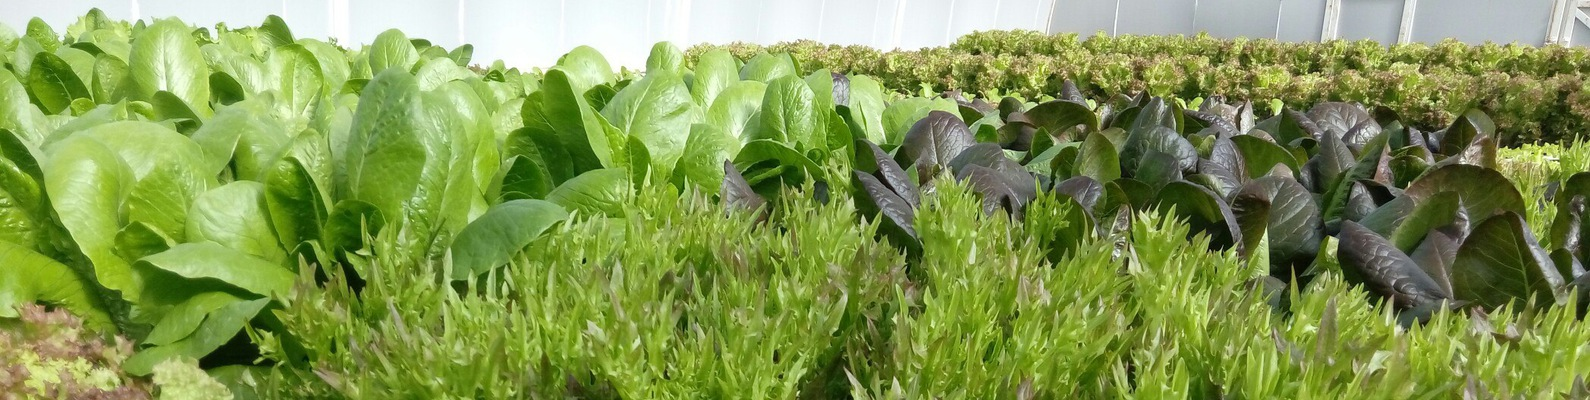 Выращивание базилика в теплице зимой: как правильно вырастить